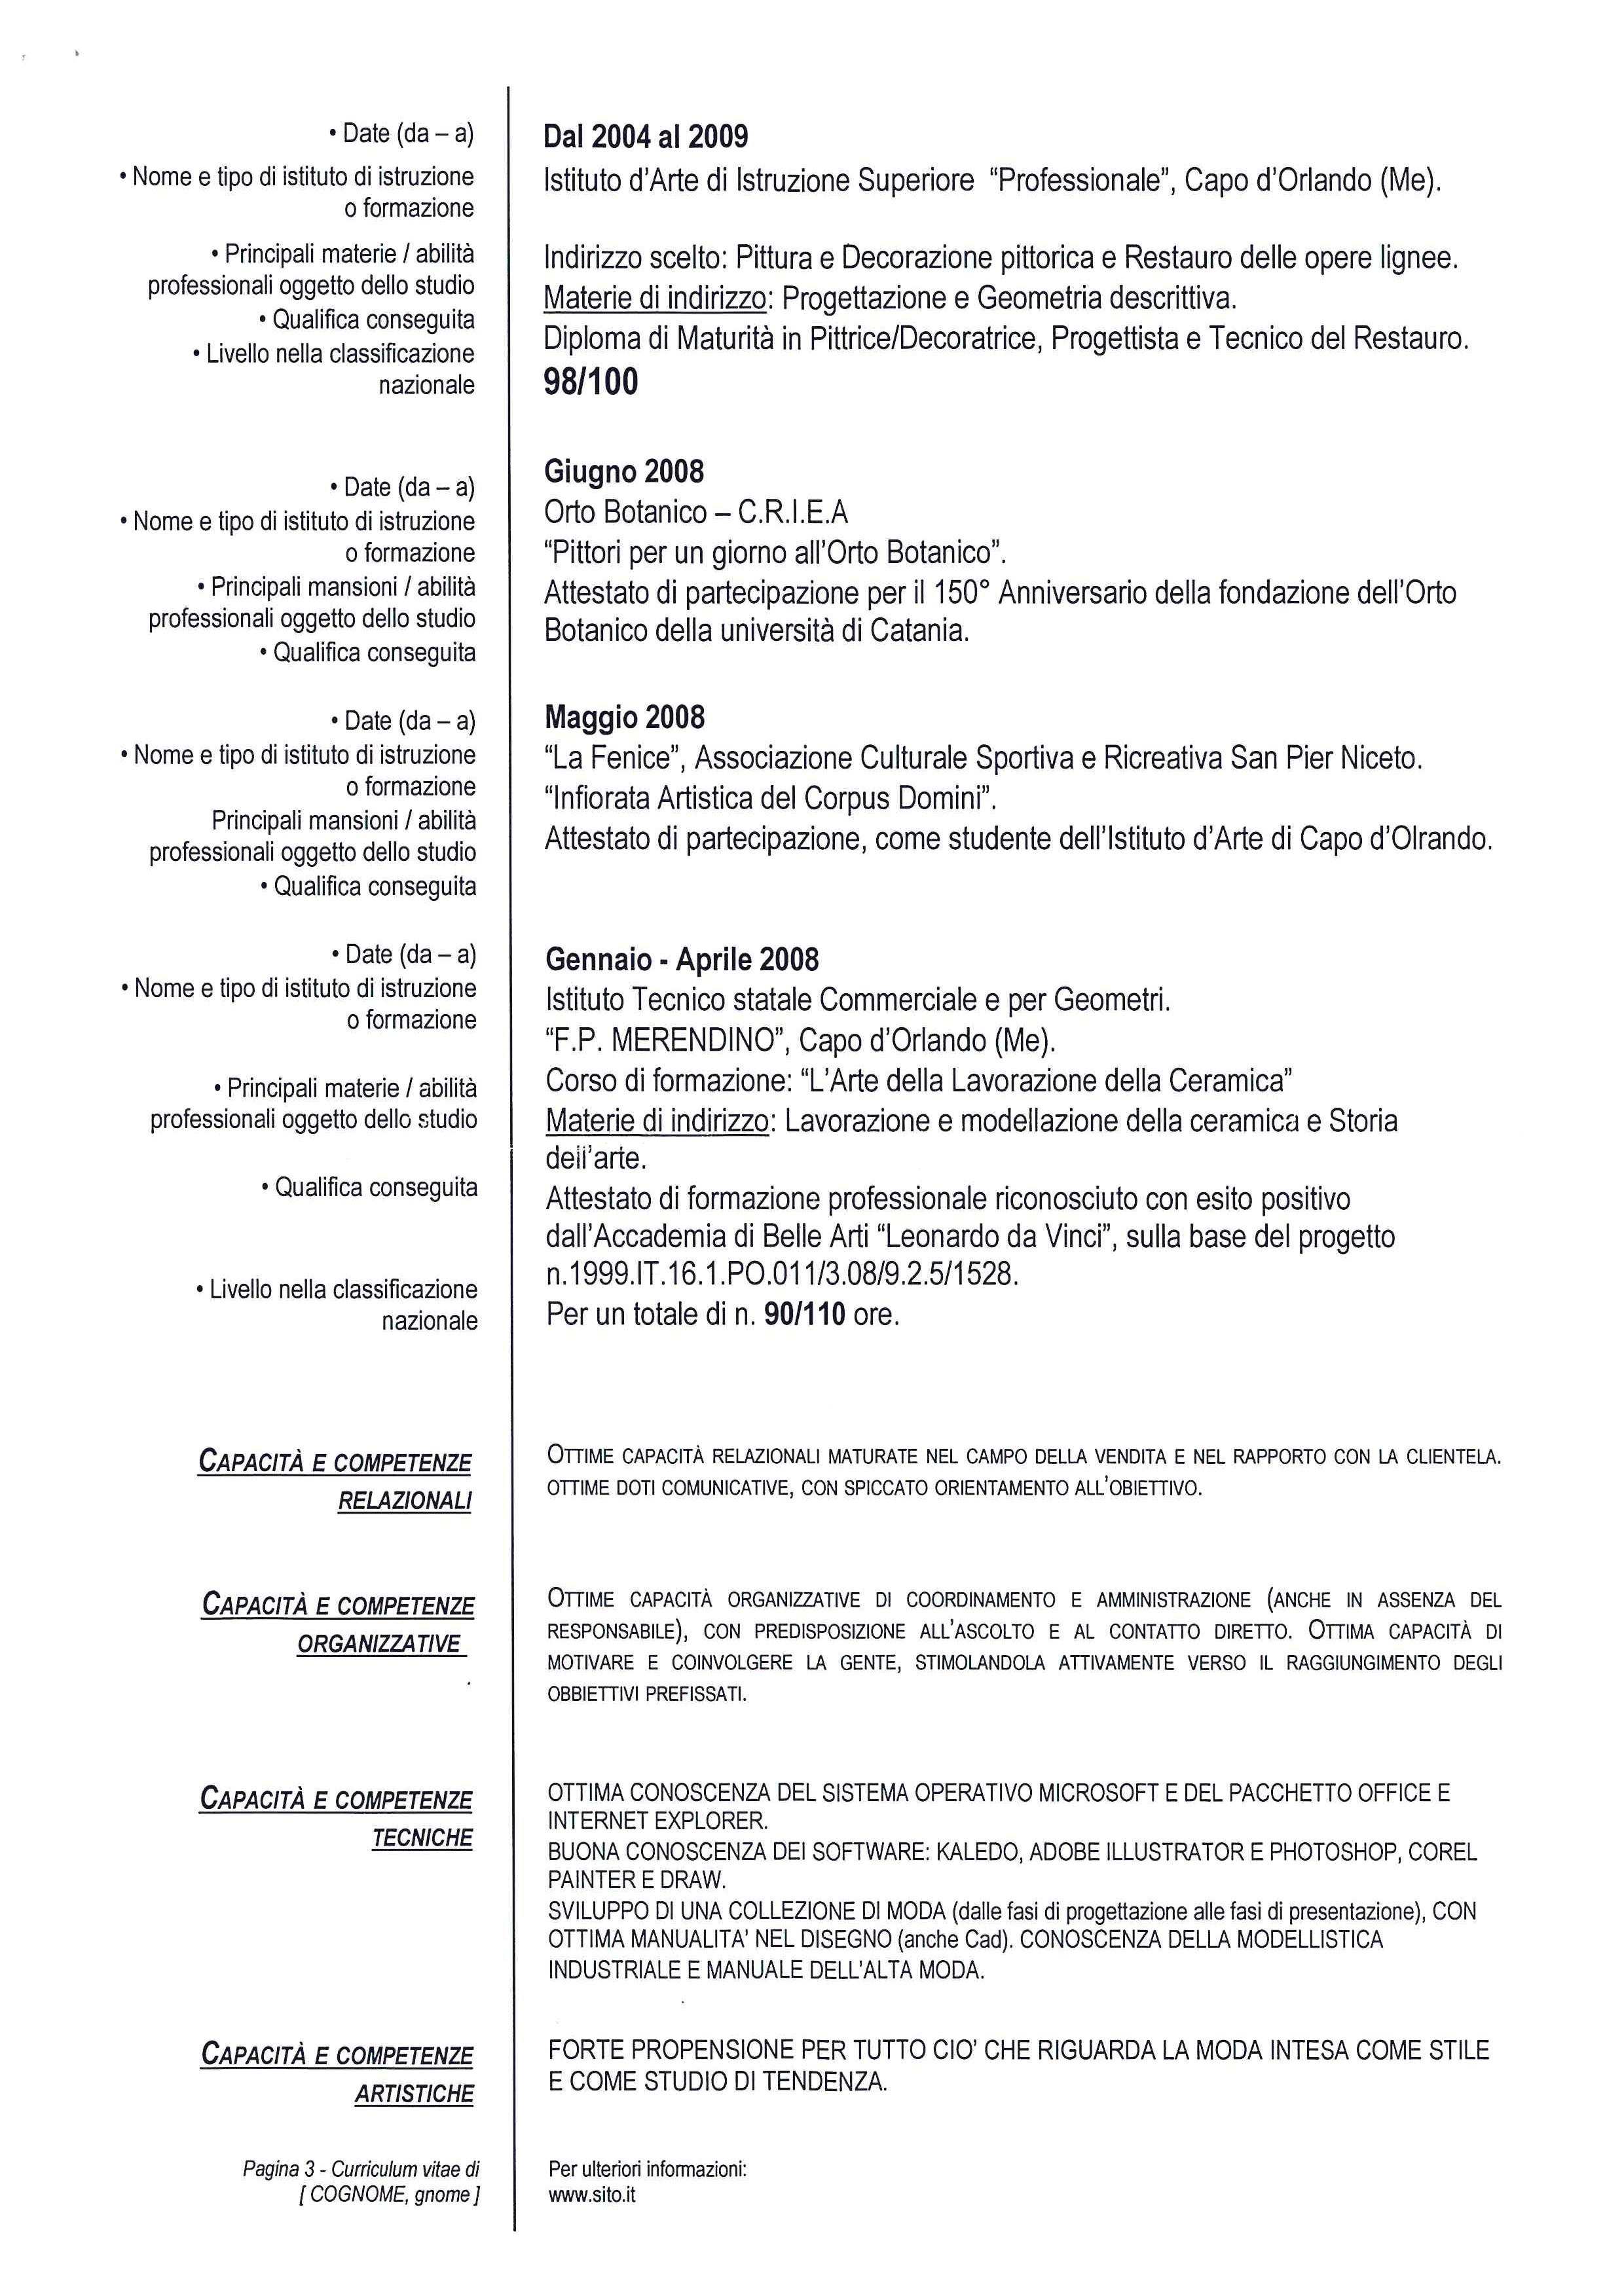 CV_GIAQUINTA_Pagina_3